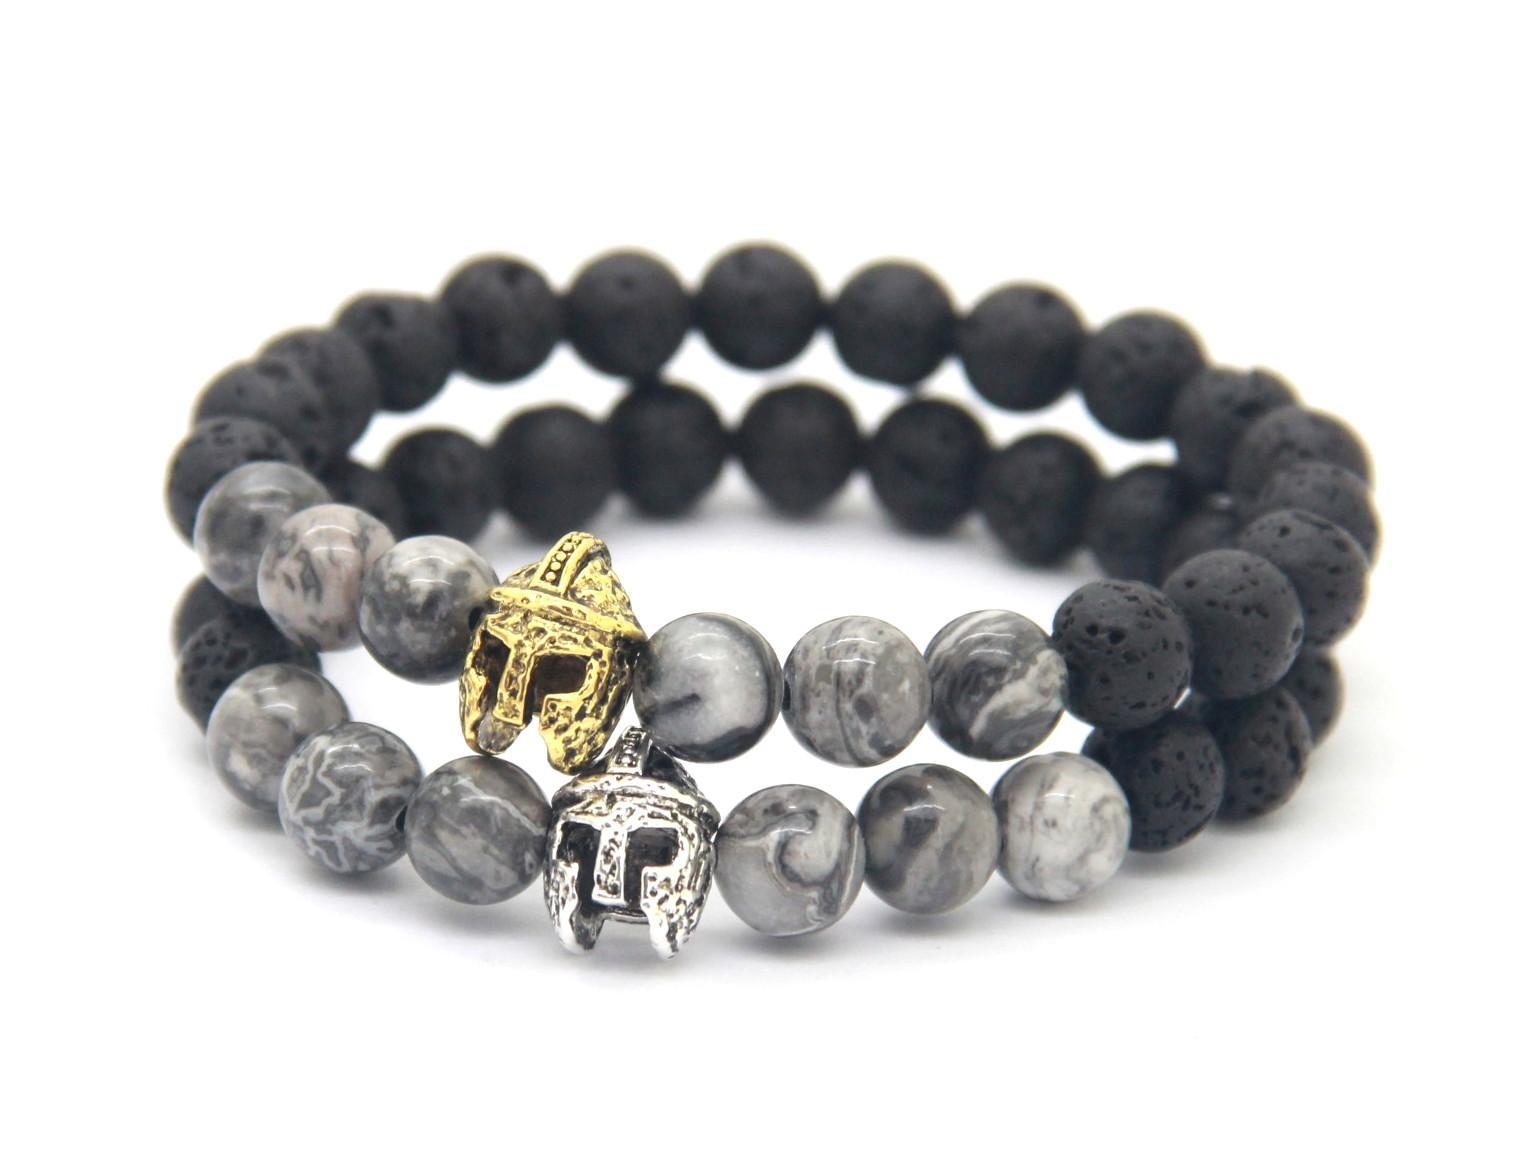 Nieuw ontwerp 8mm lava steen grijs geaderde foto Jasper steen met Romeinse krijger helm armband Spartaanse sieraden voor heren geschenk